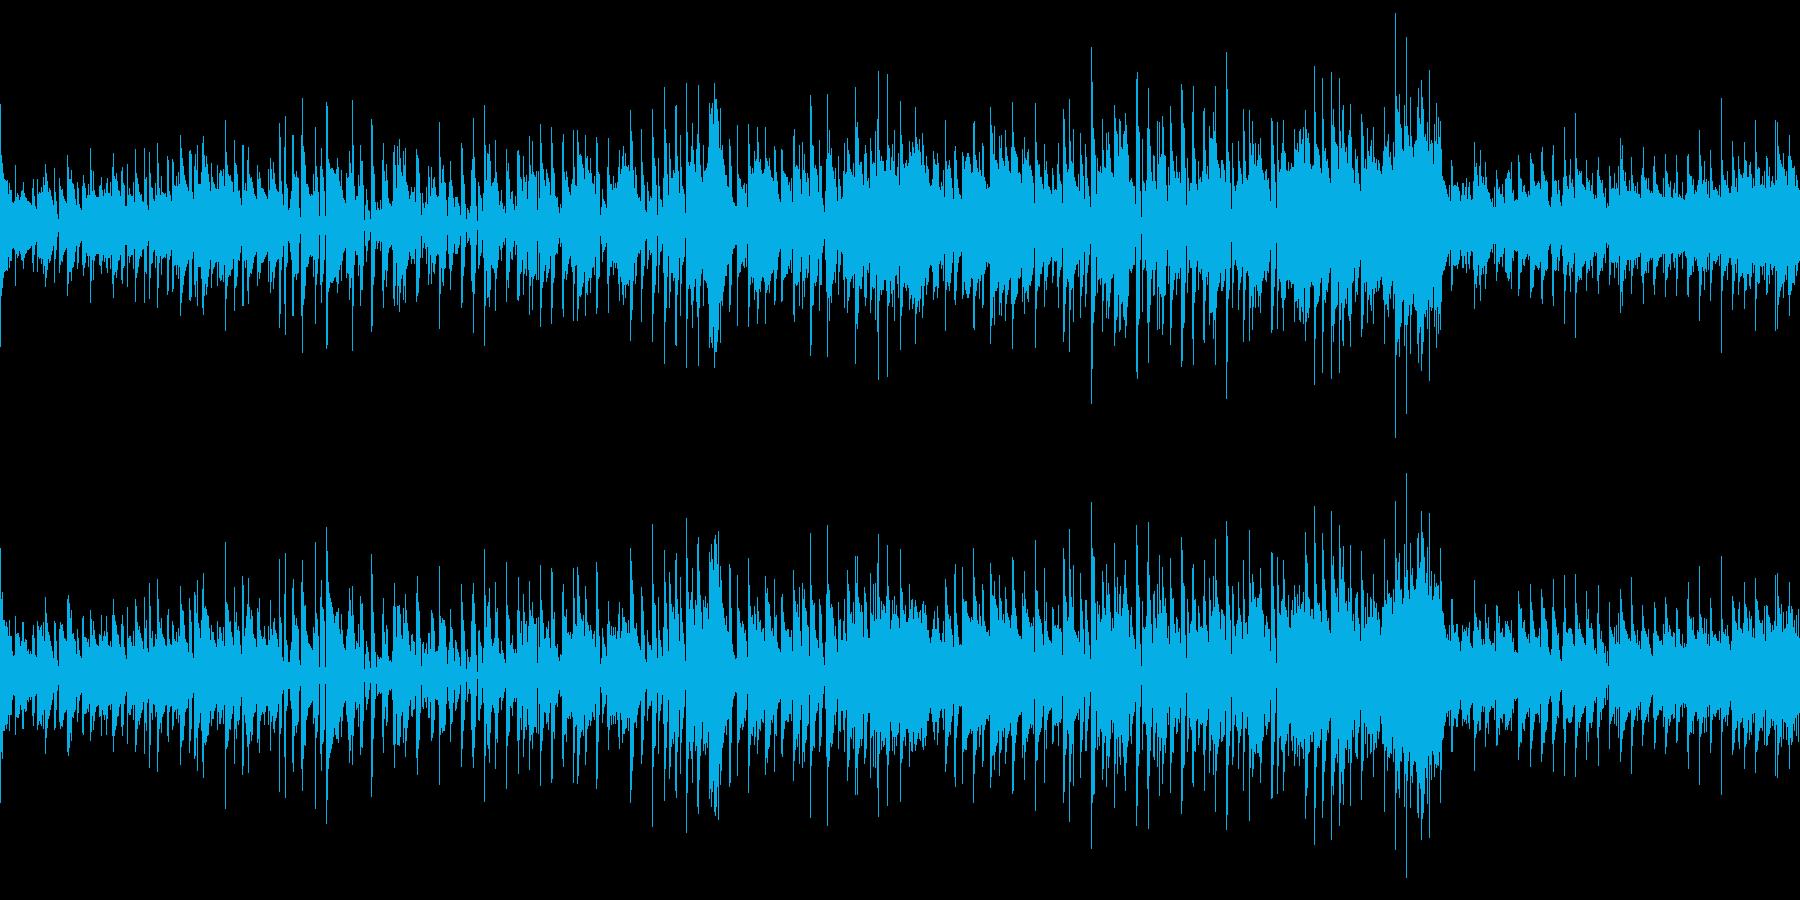 大人な雰囲気のジャズ (ループ仕様)の再生済みの波形